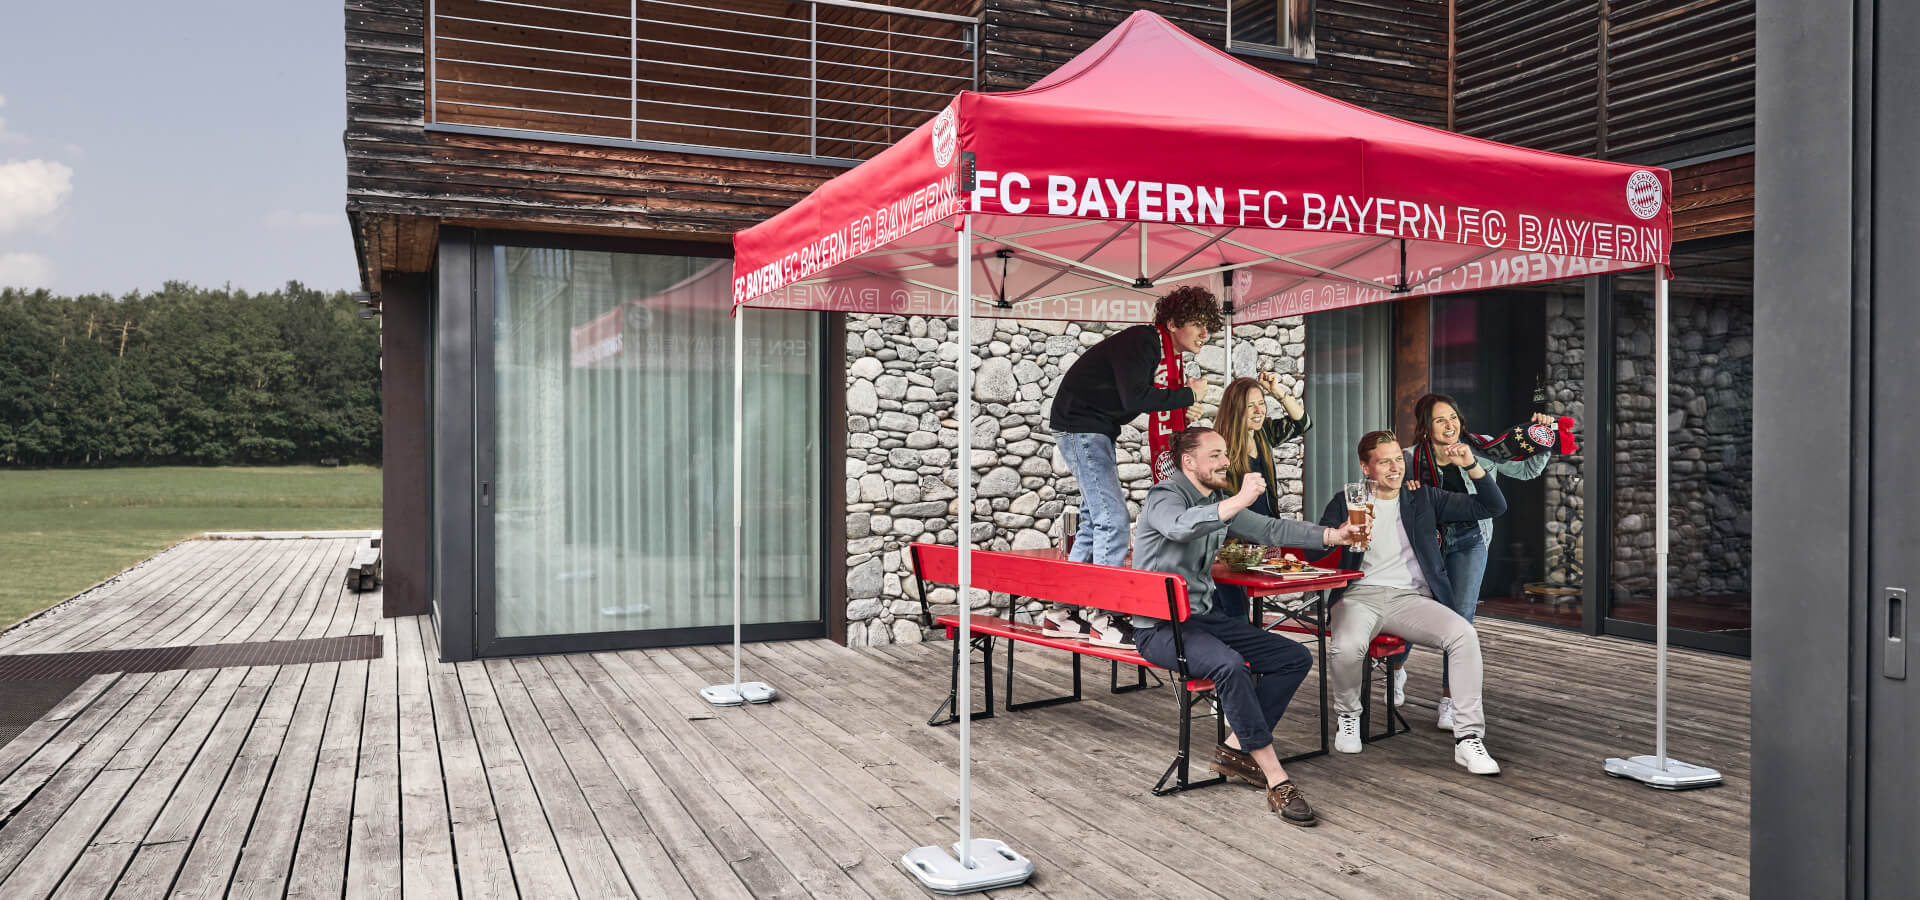 Fünf Personen feuern ihre Lieblings-Fußballmannschaft an - auf einer Bierzeltgarnitur und unter einem Faltpavillon im FC Bayern München Stil.